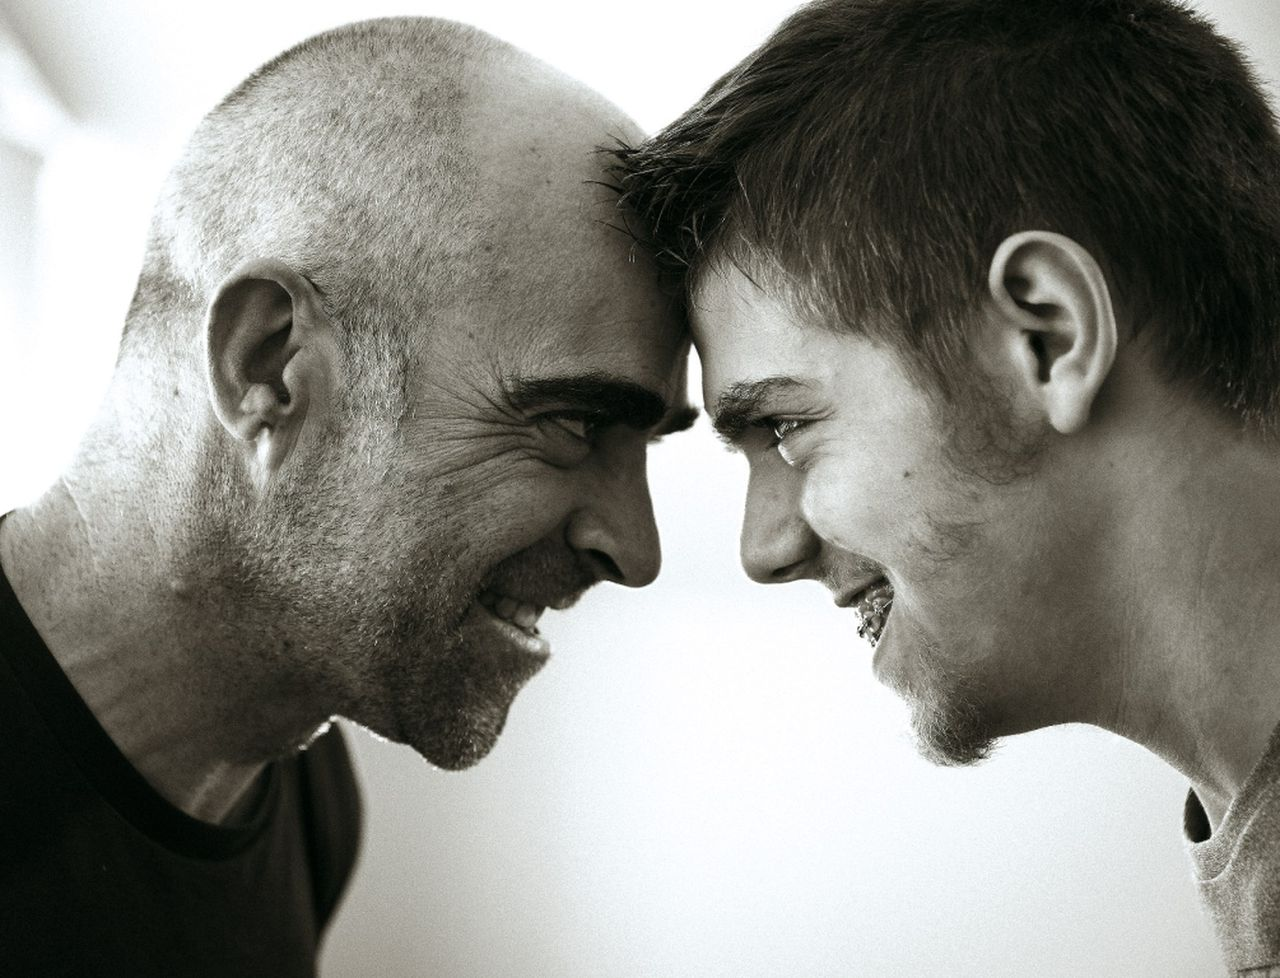 Andrés da Silva e Luis Tosar interactúan. Os dous rematan por entenderse moi ben - FOTO: La Diapo